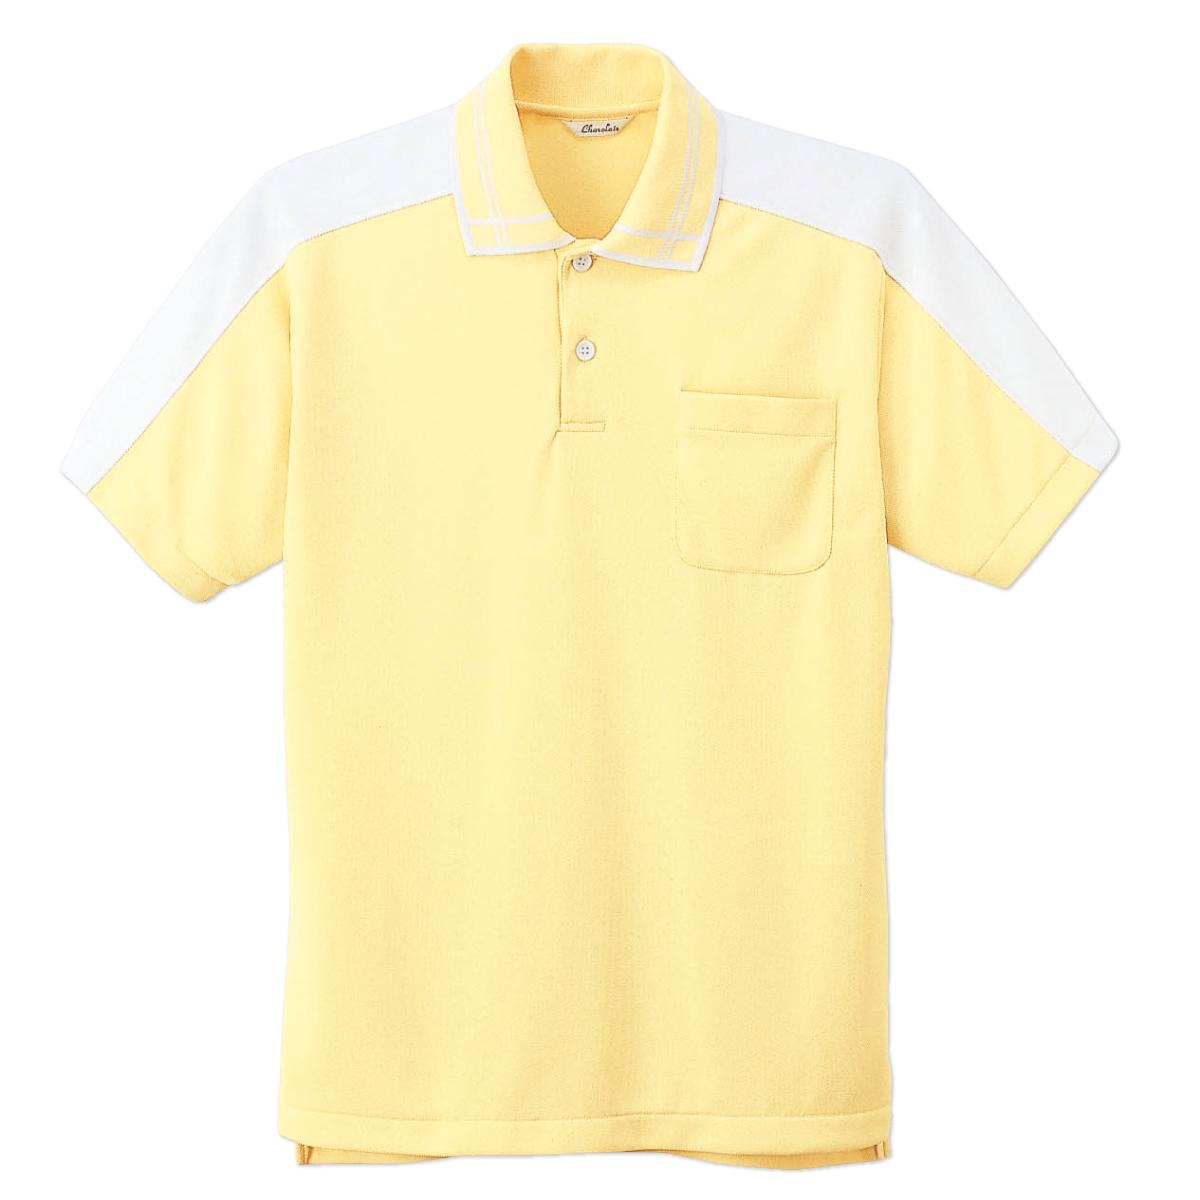 シャロレー 5802-15 再再販 41 71 男女兼用 ニットシャツ トラスト 介護 89